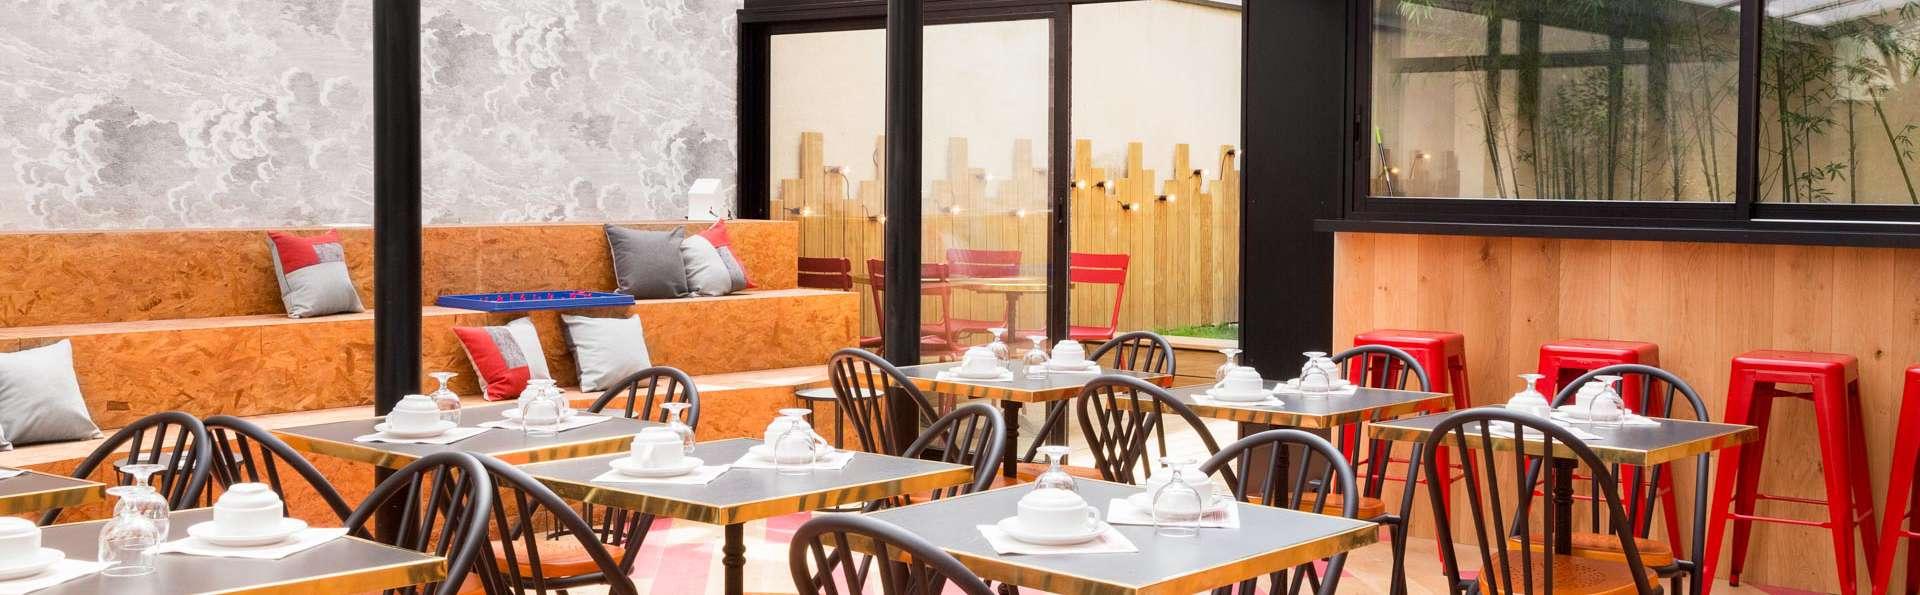 Petits caprices culinaires aux portes de Paris